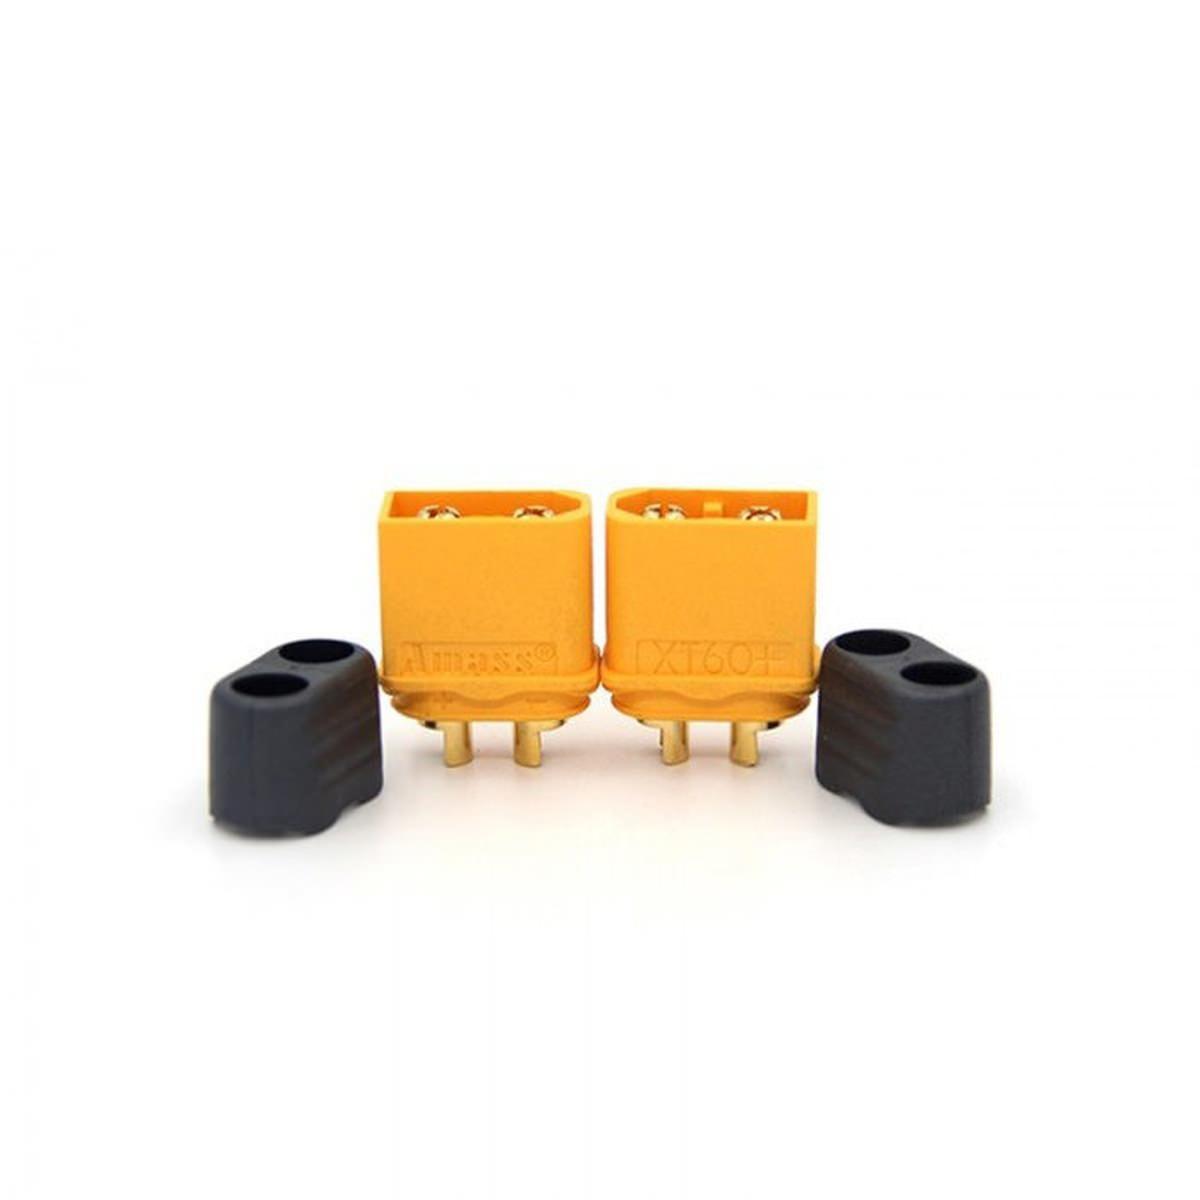 XT60H 1x Stecker + 1x Buchse - 60A Lipo Goldstecker XT60 mit Endkappe